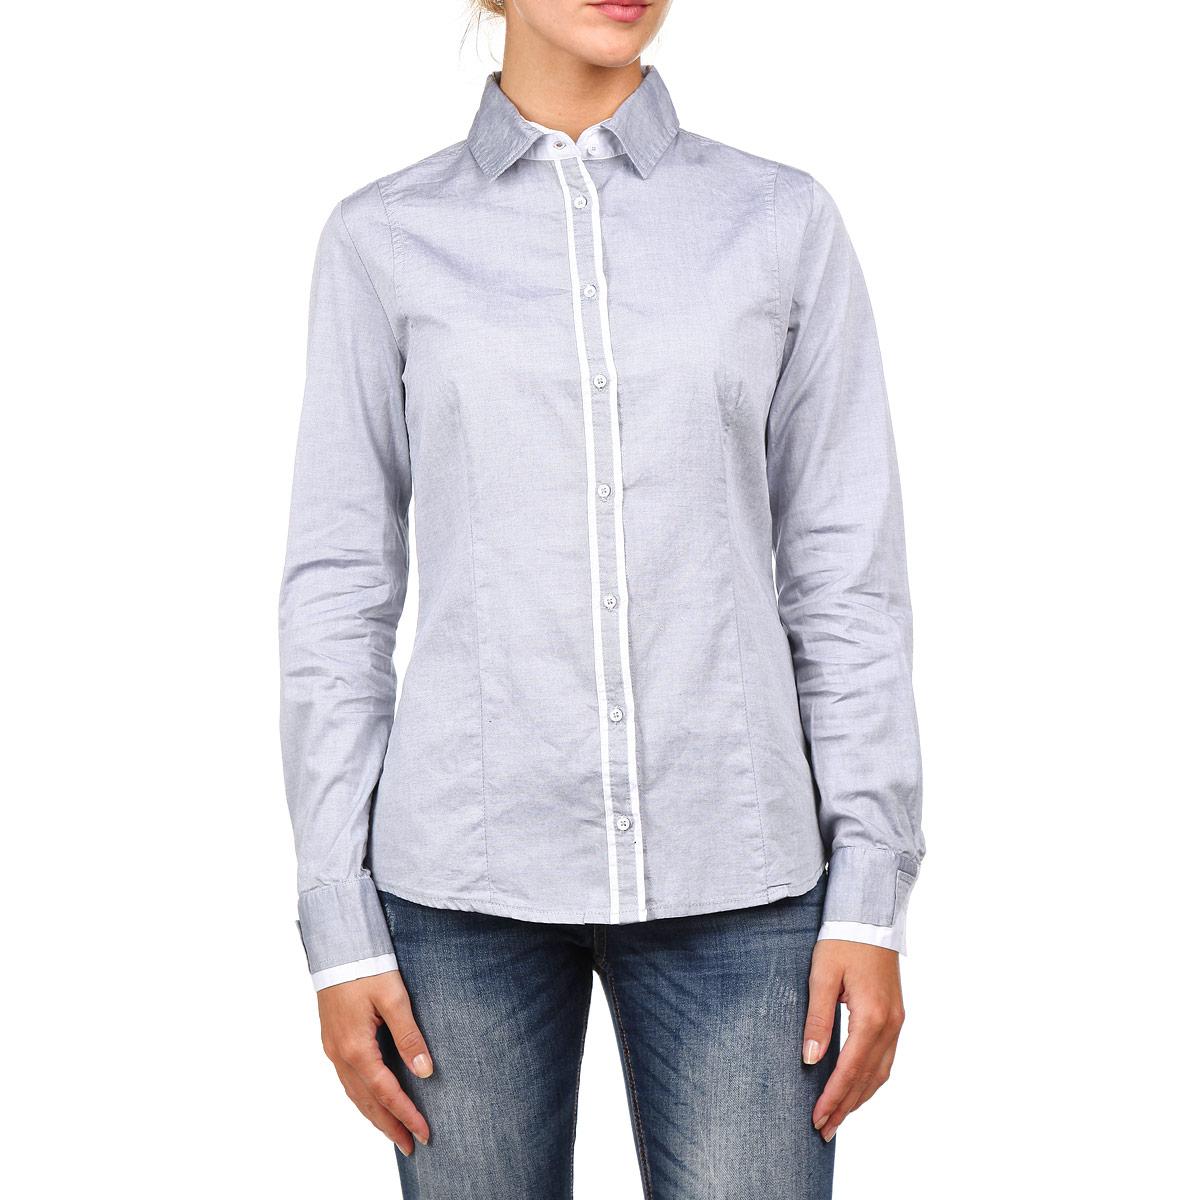 Рубашка17281Симпатичная женская рубашка F5, выполненная из высококачественного материала, очень комфортна при носке. Модель приталенного кроя с полукруглым низом, длинными рукавами и отложным воротничком застегивается на пуговицы. Манжеты и планка с пуговицами отделаны вставками из материала контрастного цвета. Такая рубашка будет дарить вам комфорт в течение всего дня и послужит замечательным дополнением к вашему гардеробу.